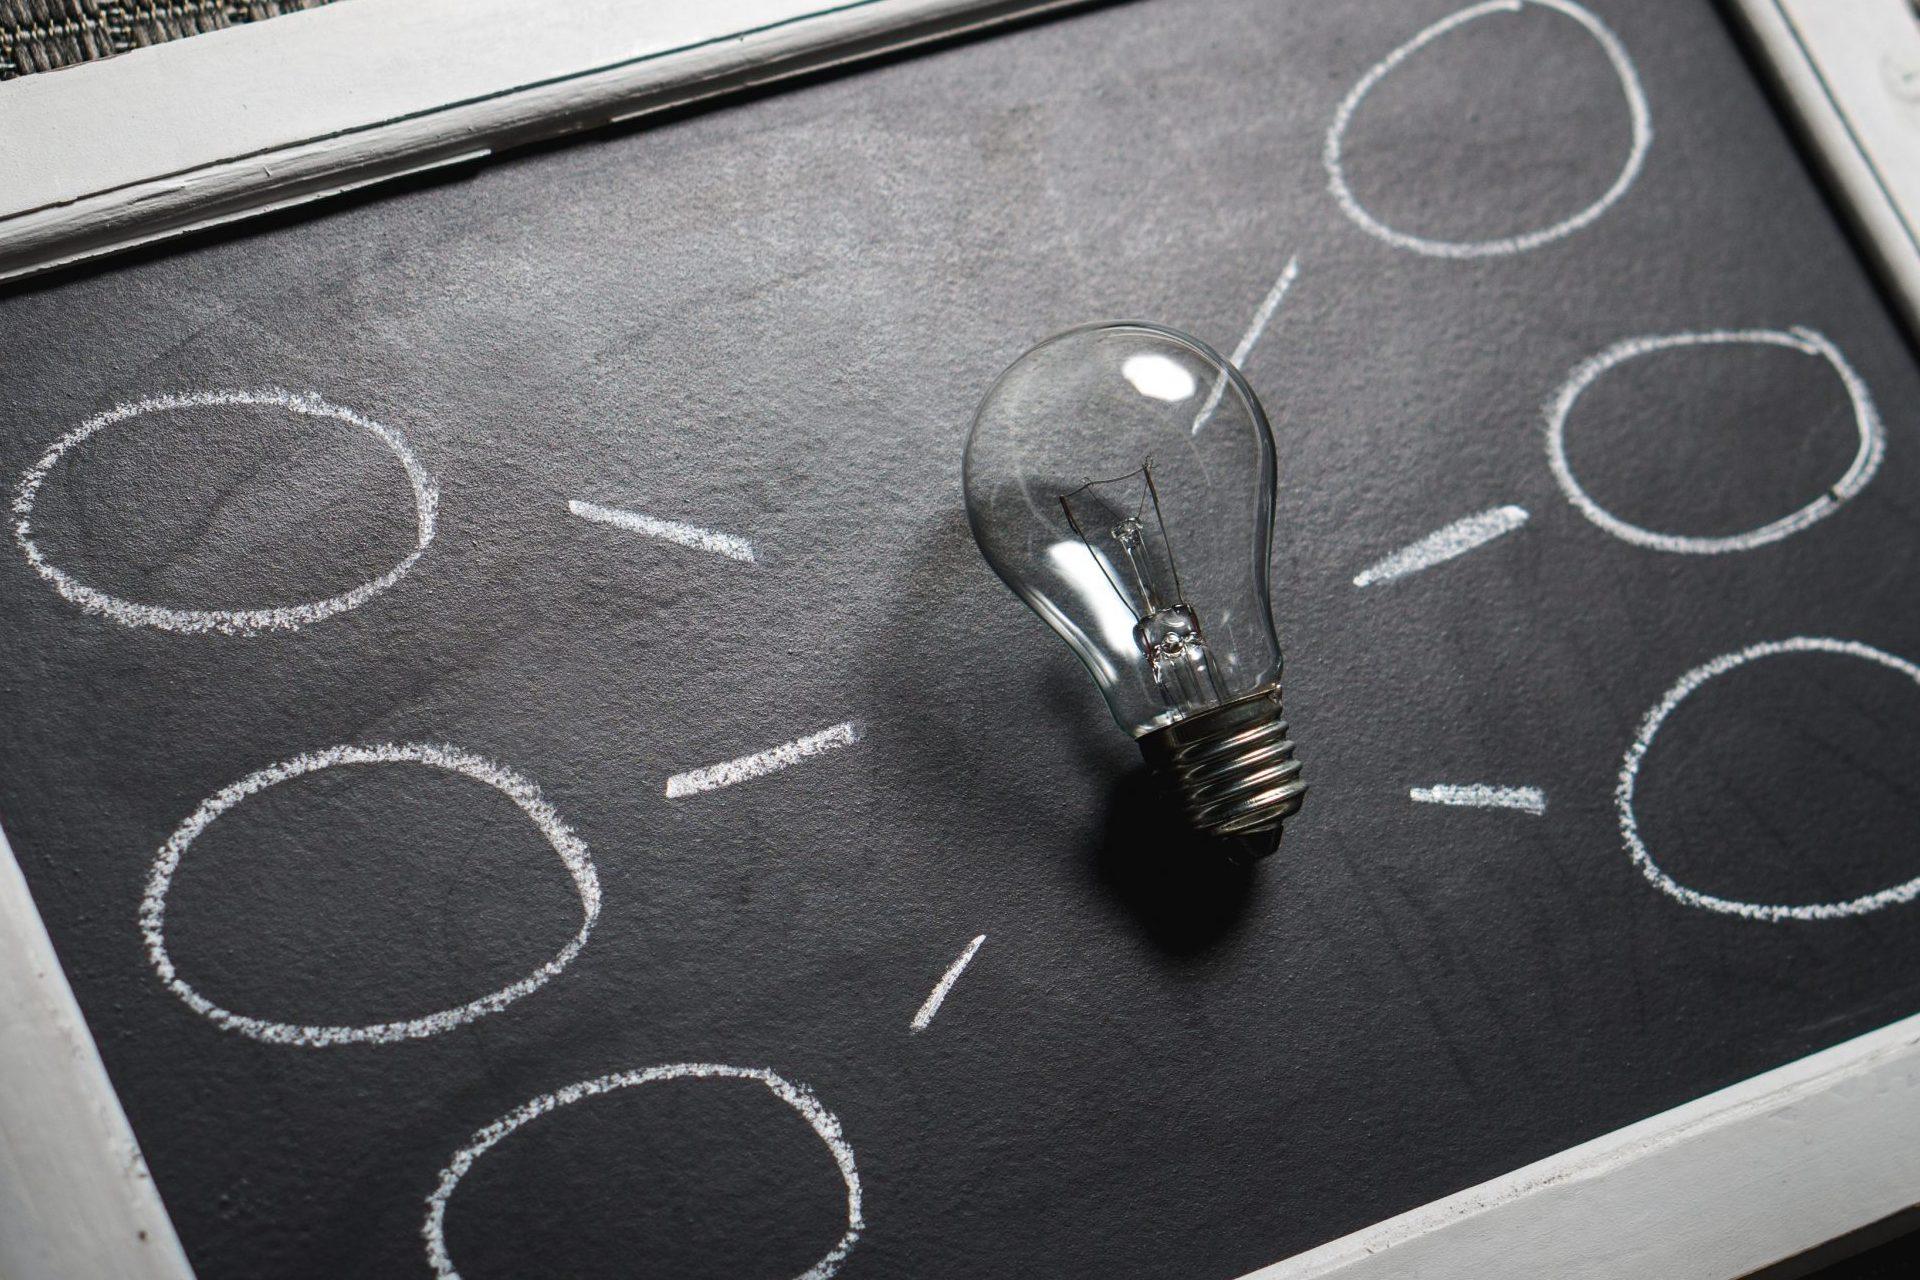 Novo programa do IBGC propõe comunidade de aprendizagem virtual voltada à governança e inovação